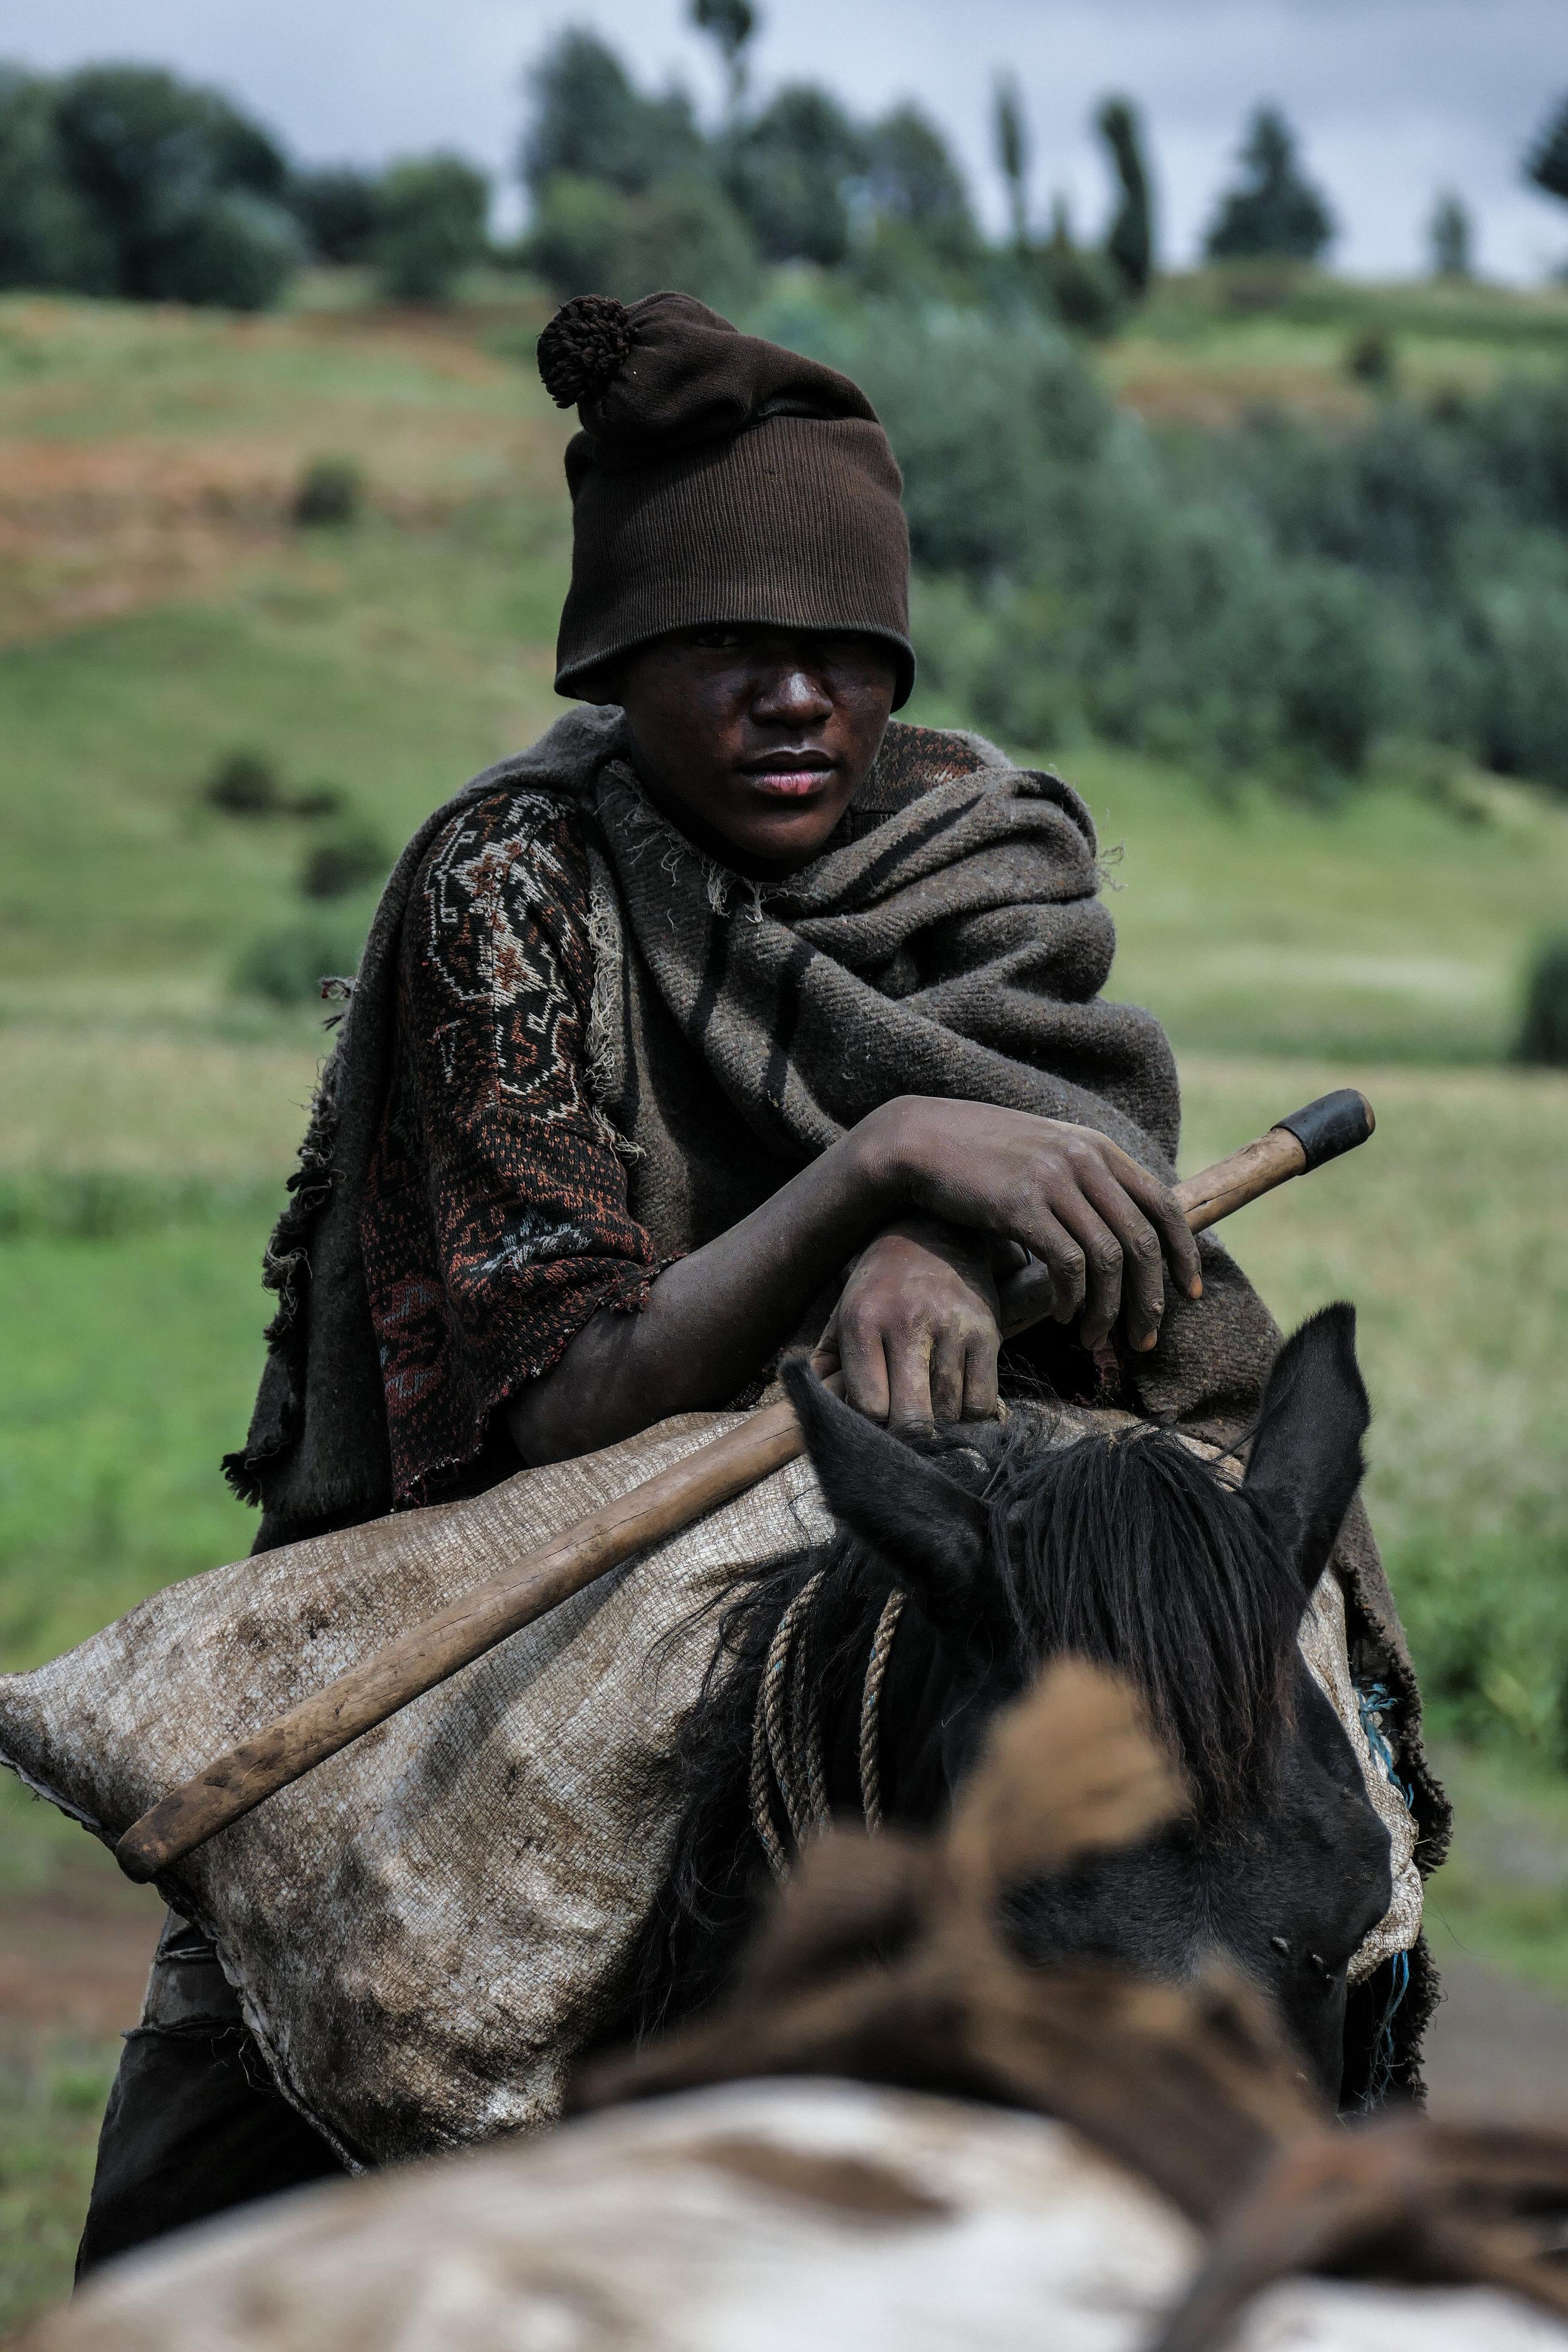 Basotho shepherd wearing traditional recycled wool Basotho blanket